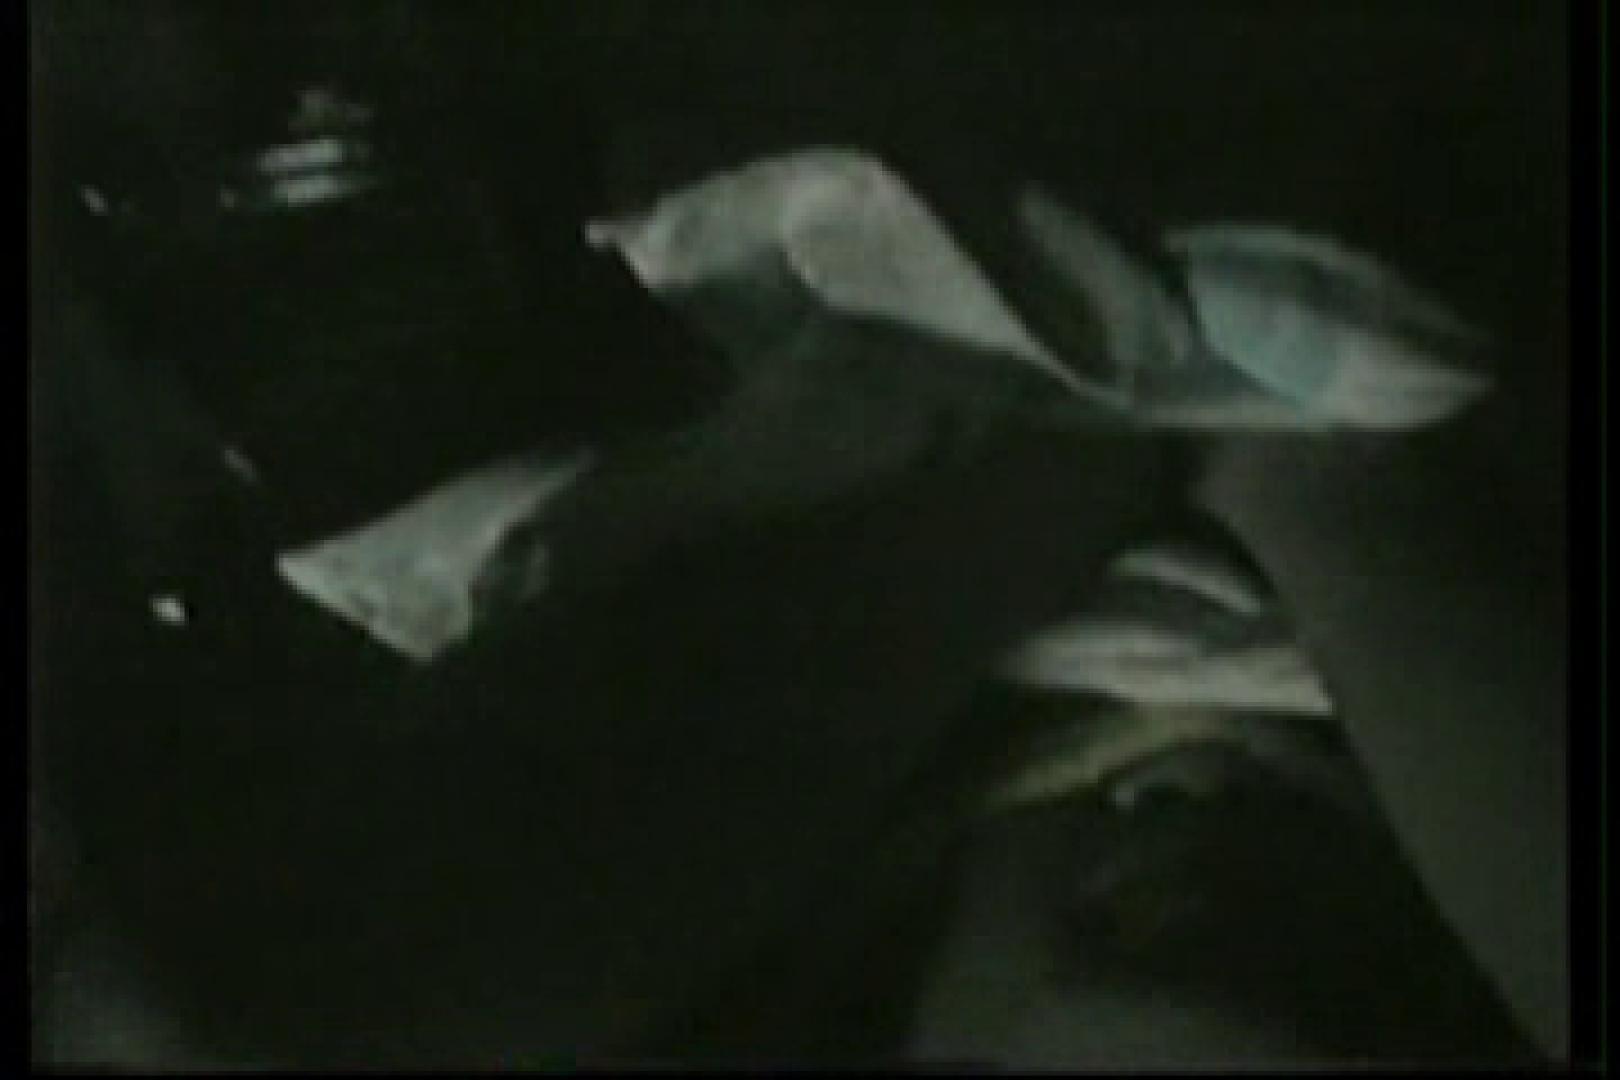 【実録個人撮影】男の子達の禁断の愛欲性活!!vol.02(対女性アナル責め) アナル責め ゲイ無修正画像 105枚 48